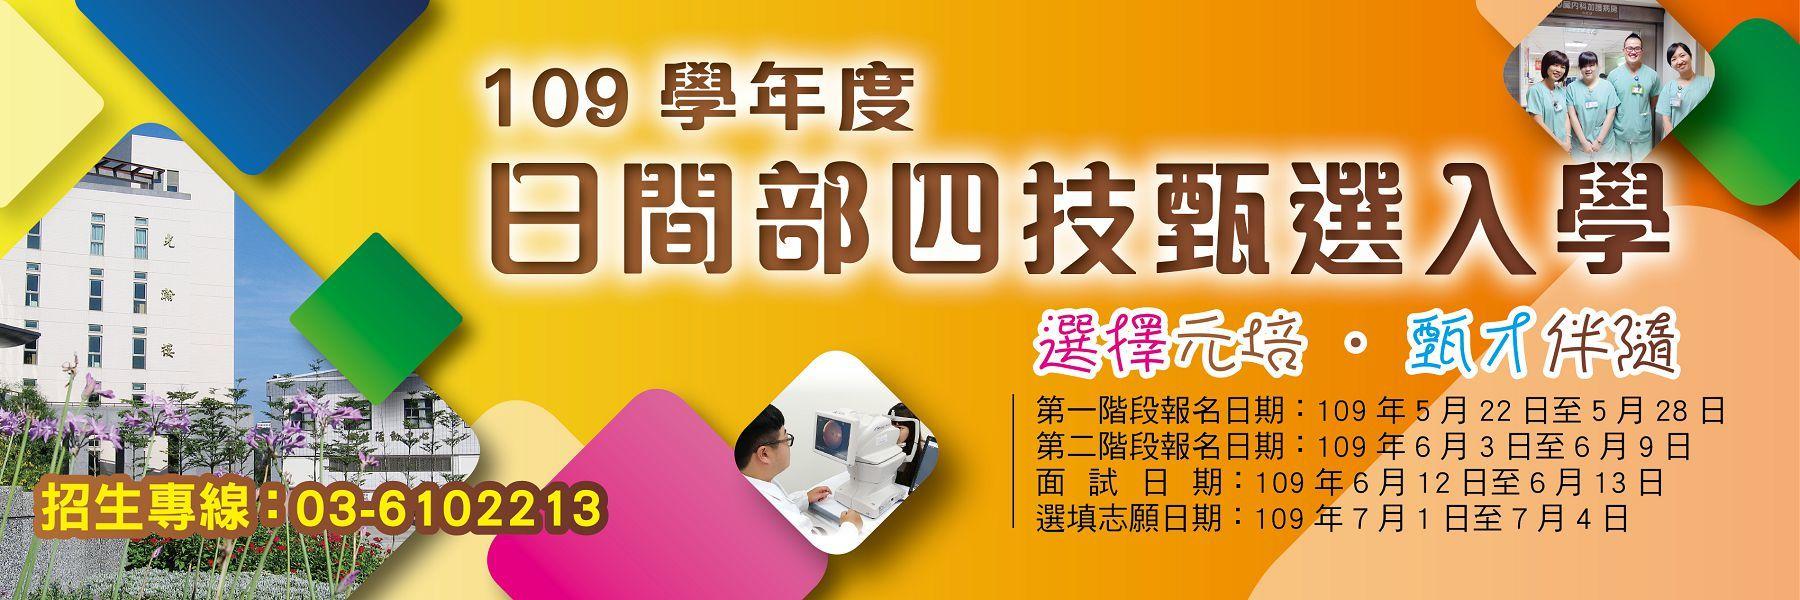 109學年度日間部四技甄選入學